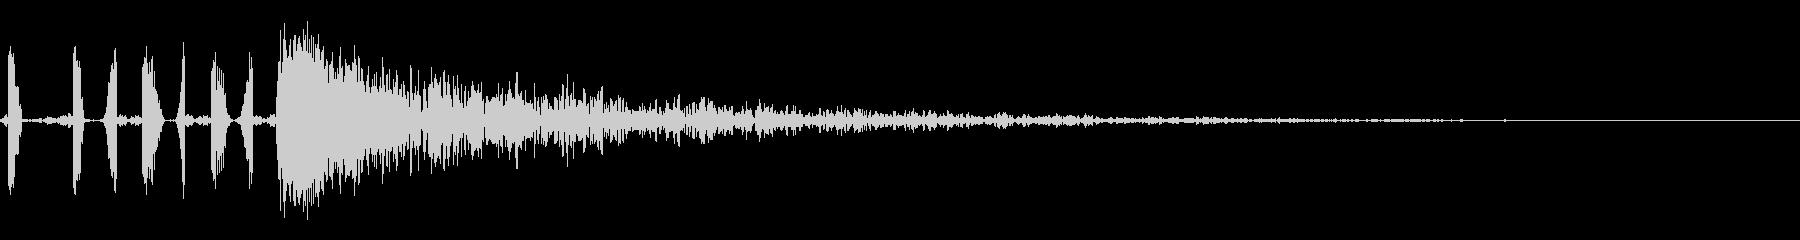 DJ 4カウントスクラブとスタブの未再生の波形